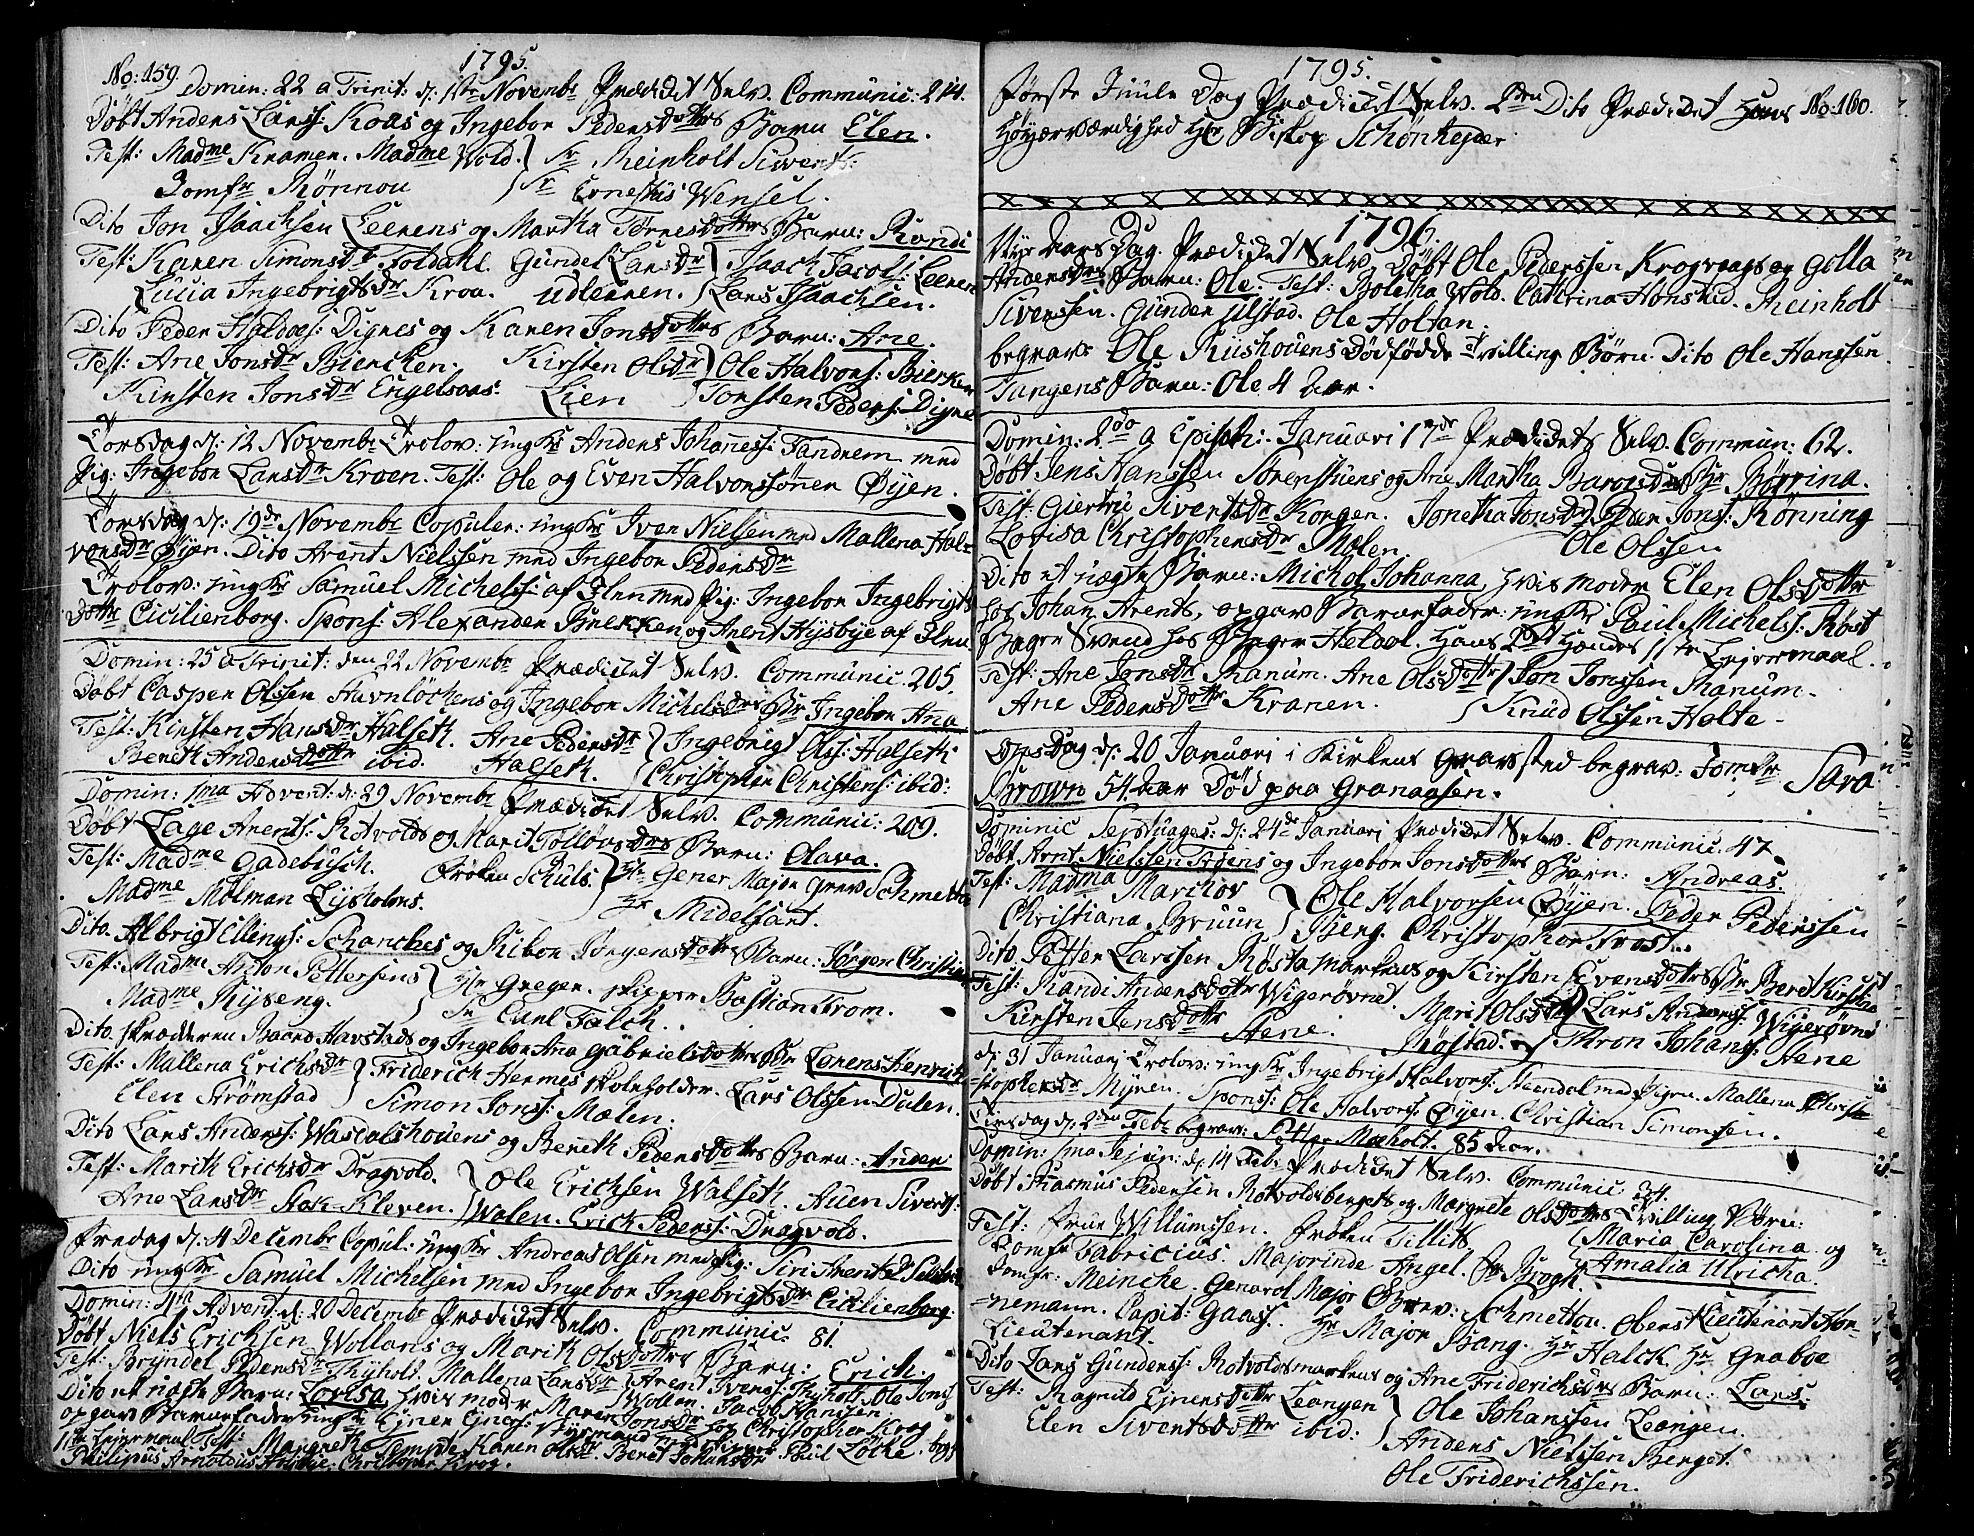 SAT, Ministerialprotokoller, klokkerbøker og fødselsregistre - Sør-Trøndelag, 604/L0180: Ministerialbok nr. 604A01, 1780-1797, s. 159-160